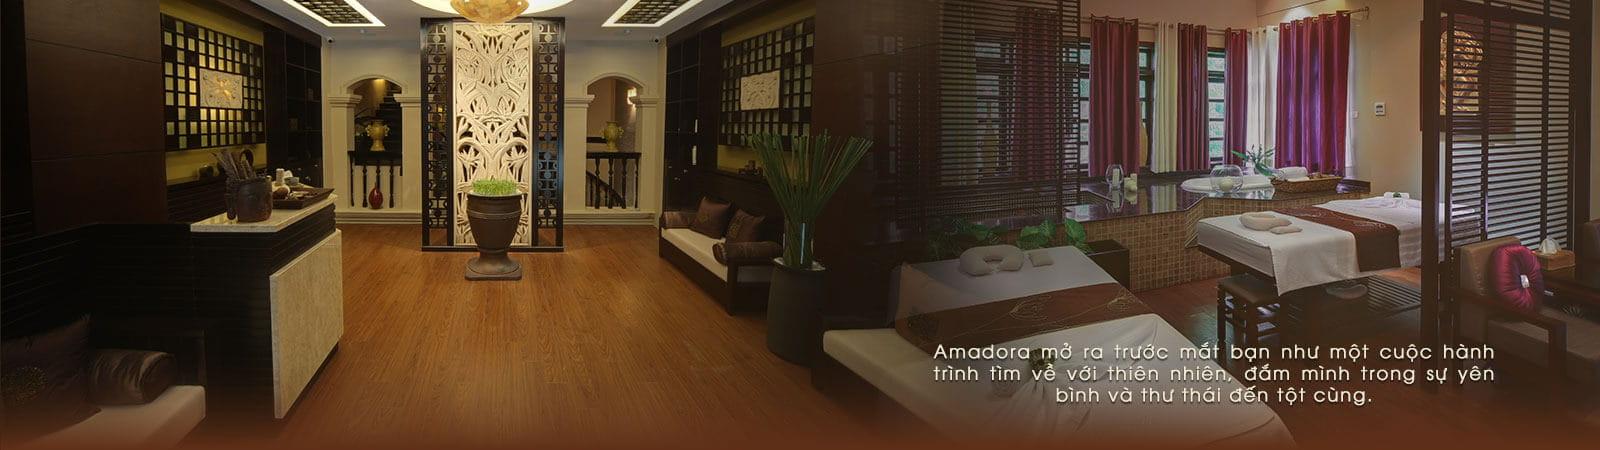 Amadora Wellness Spa – Thẩm Mỹ Viện Uy Tín Ở Hà Nội